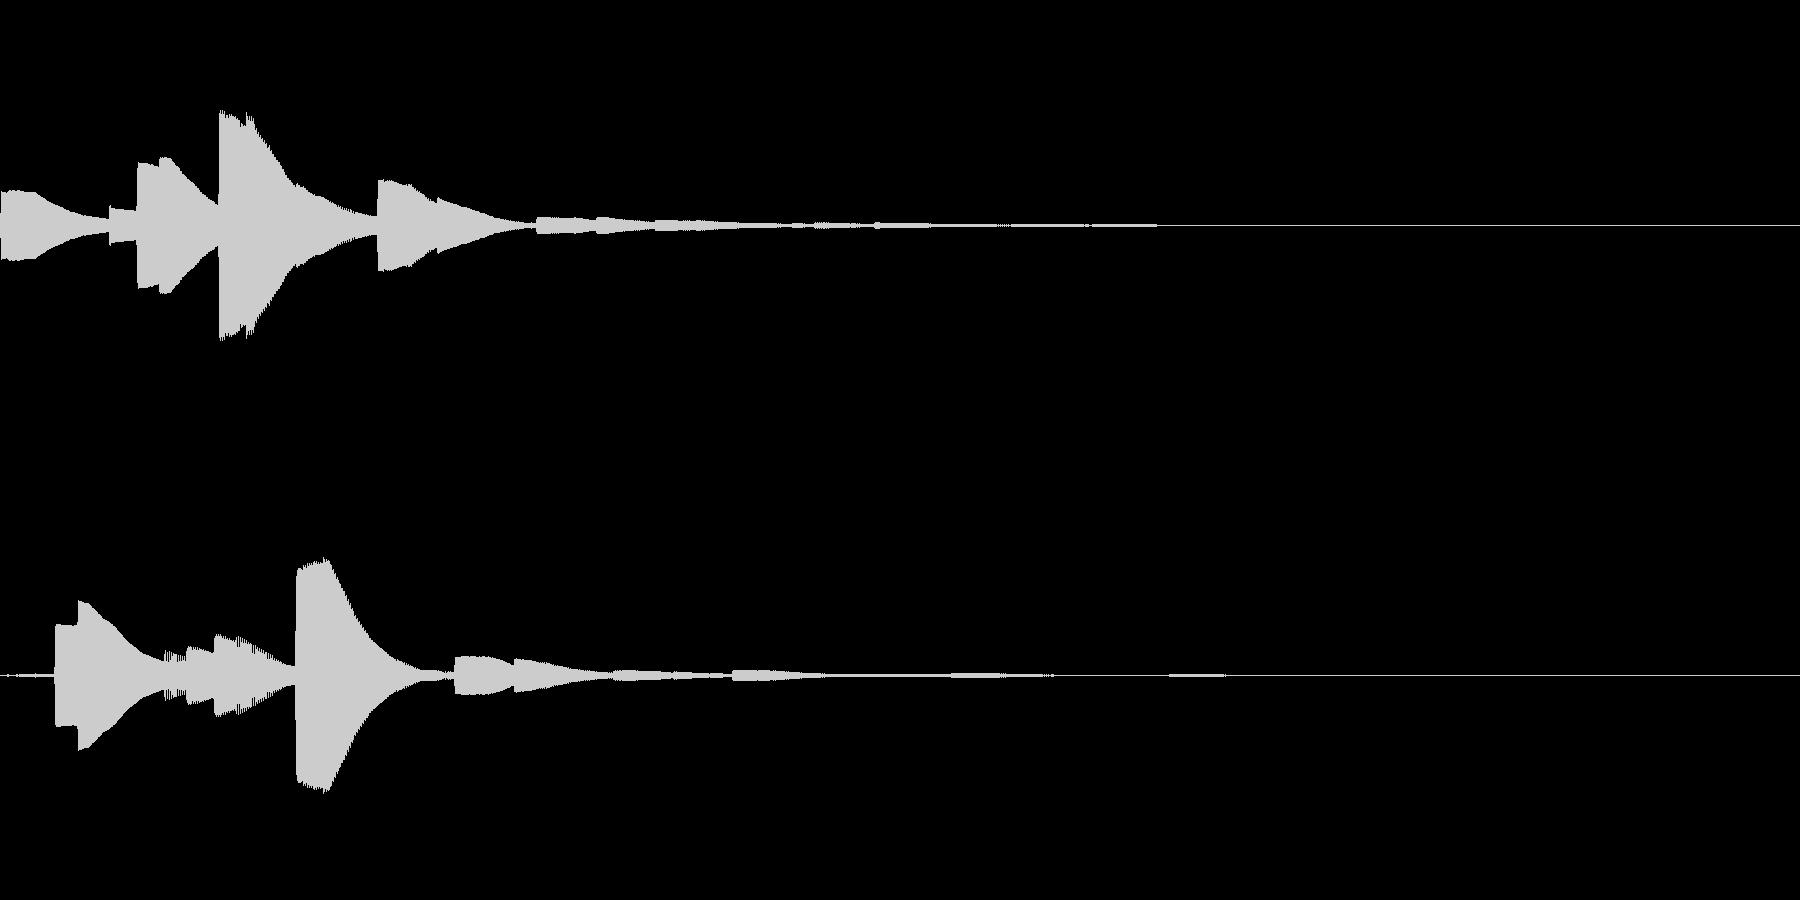 システム音18_シンセDZの未再生の波形